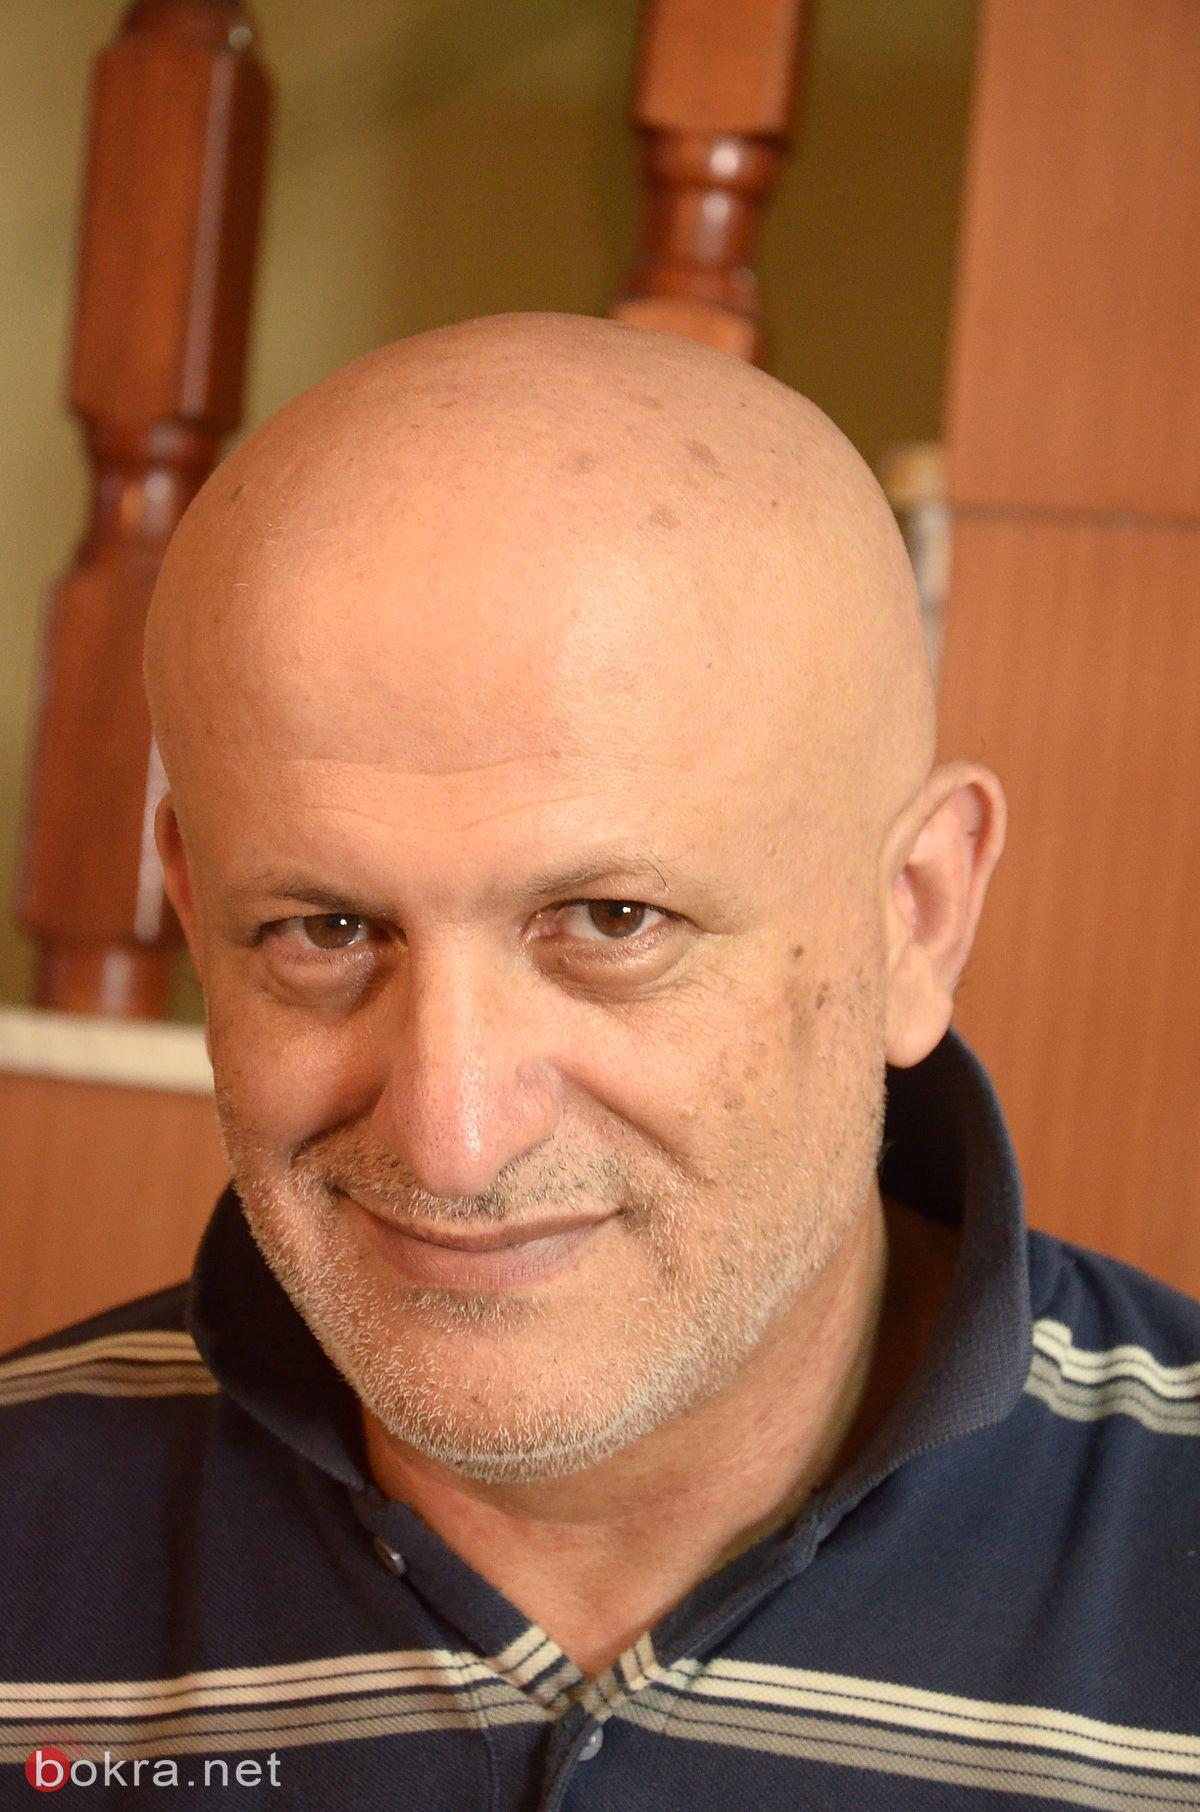 أعضاء إدارة جدد في مبادرات صندوق إبراهيم